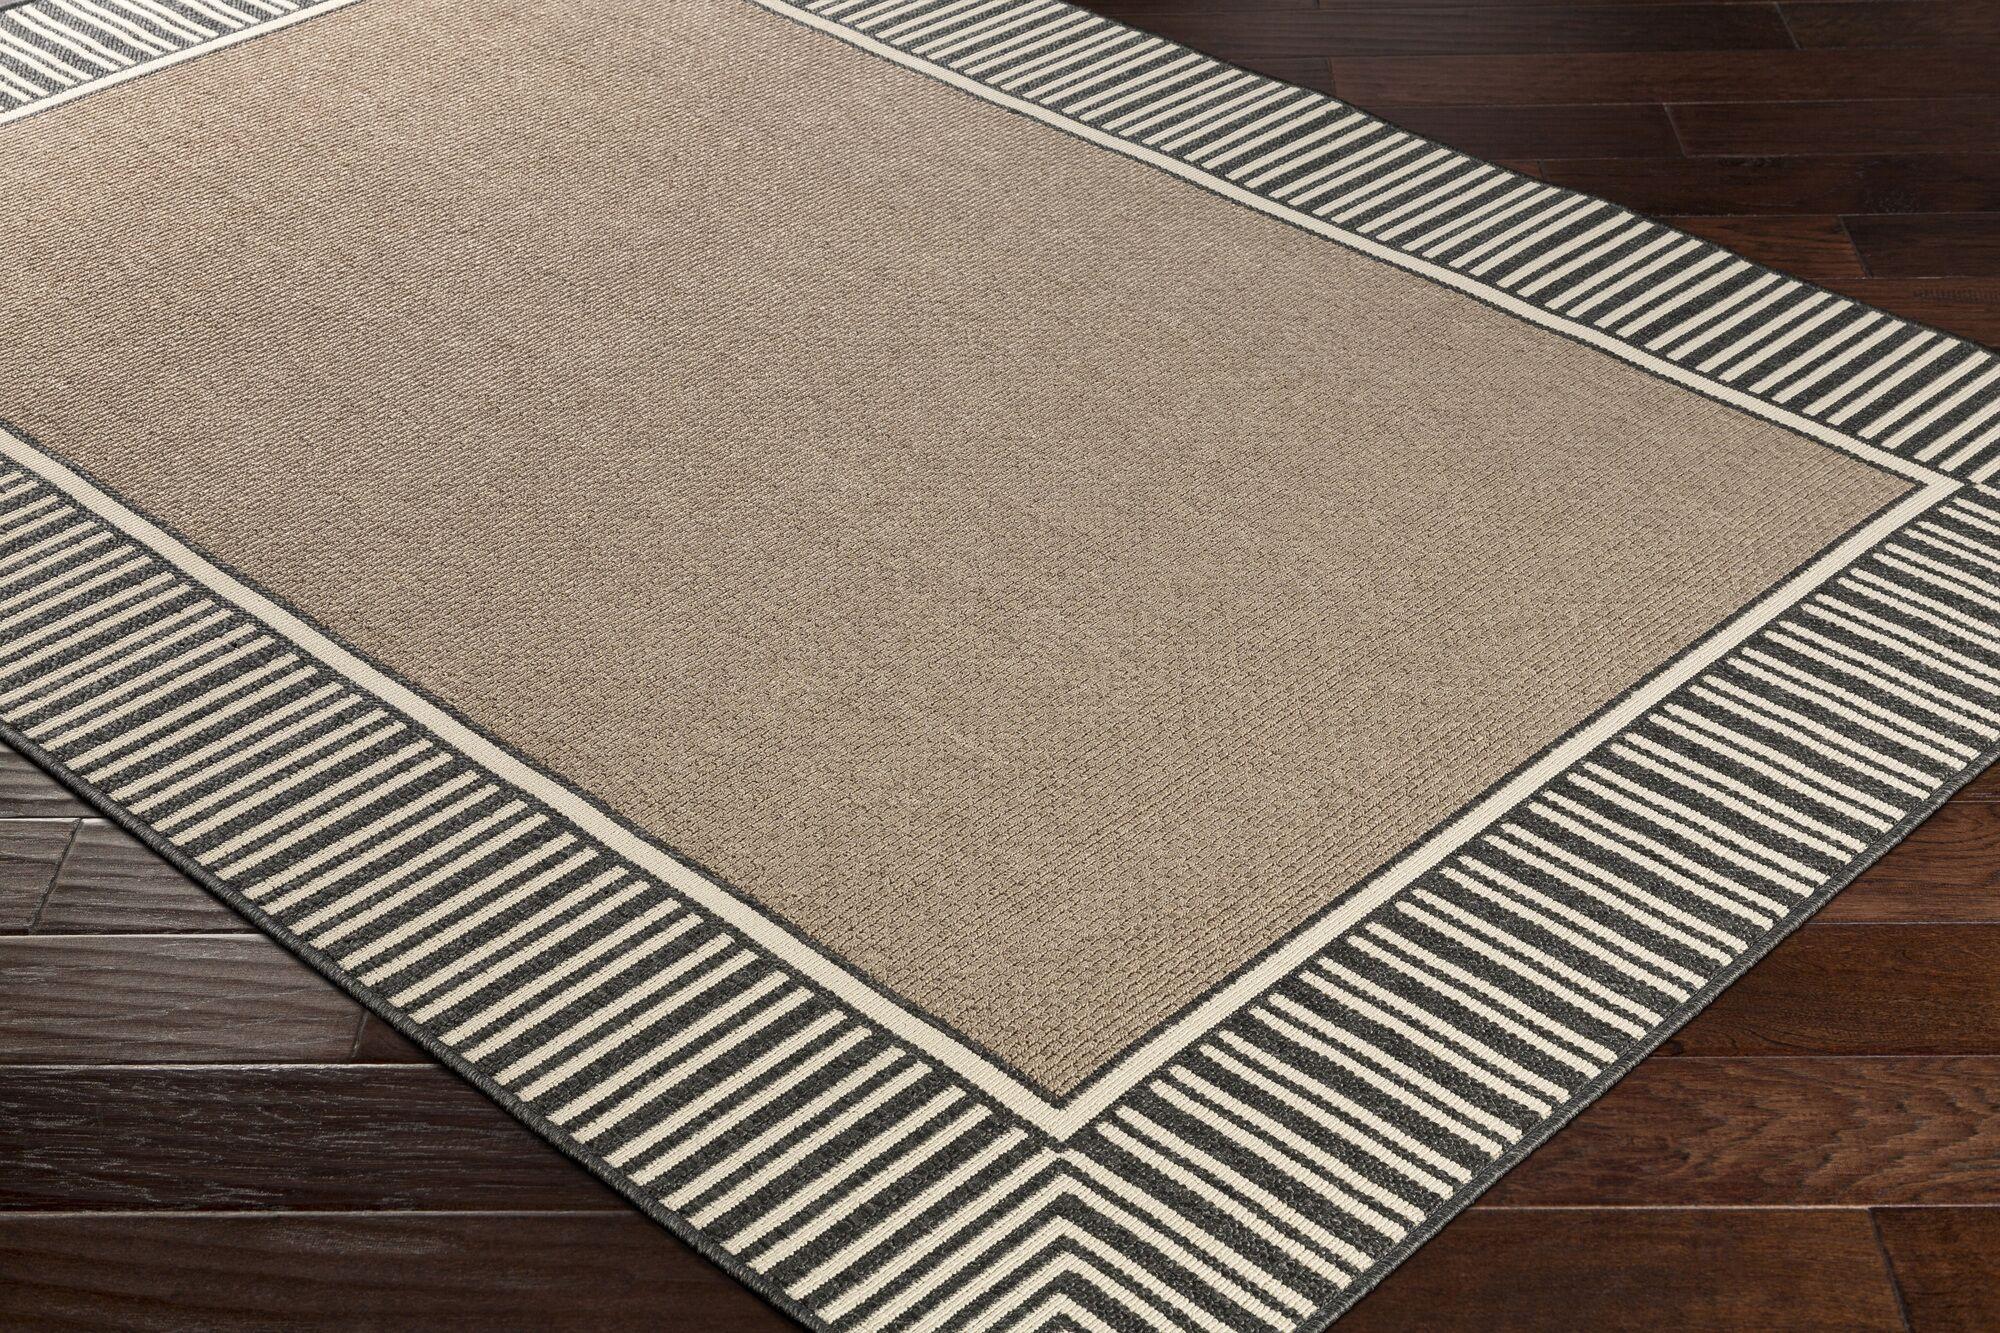 Oliver Camel/Black Indoor/Outdoor Area Rug Rug Size: Rectangle 7'6